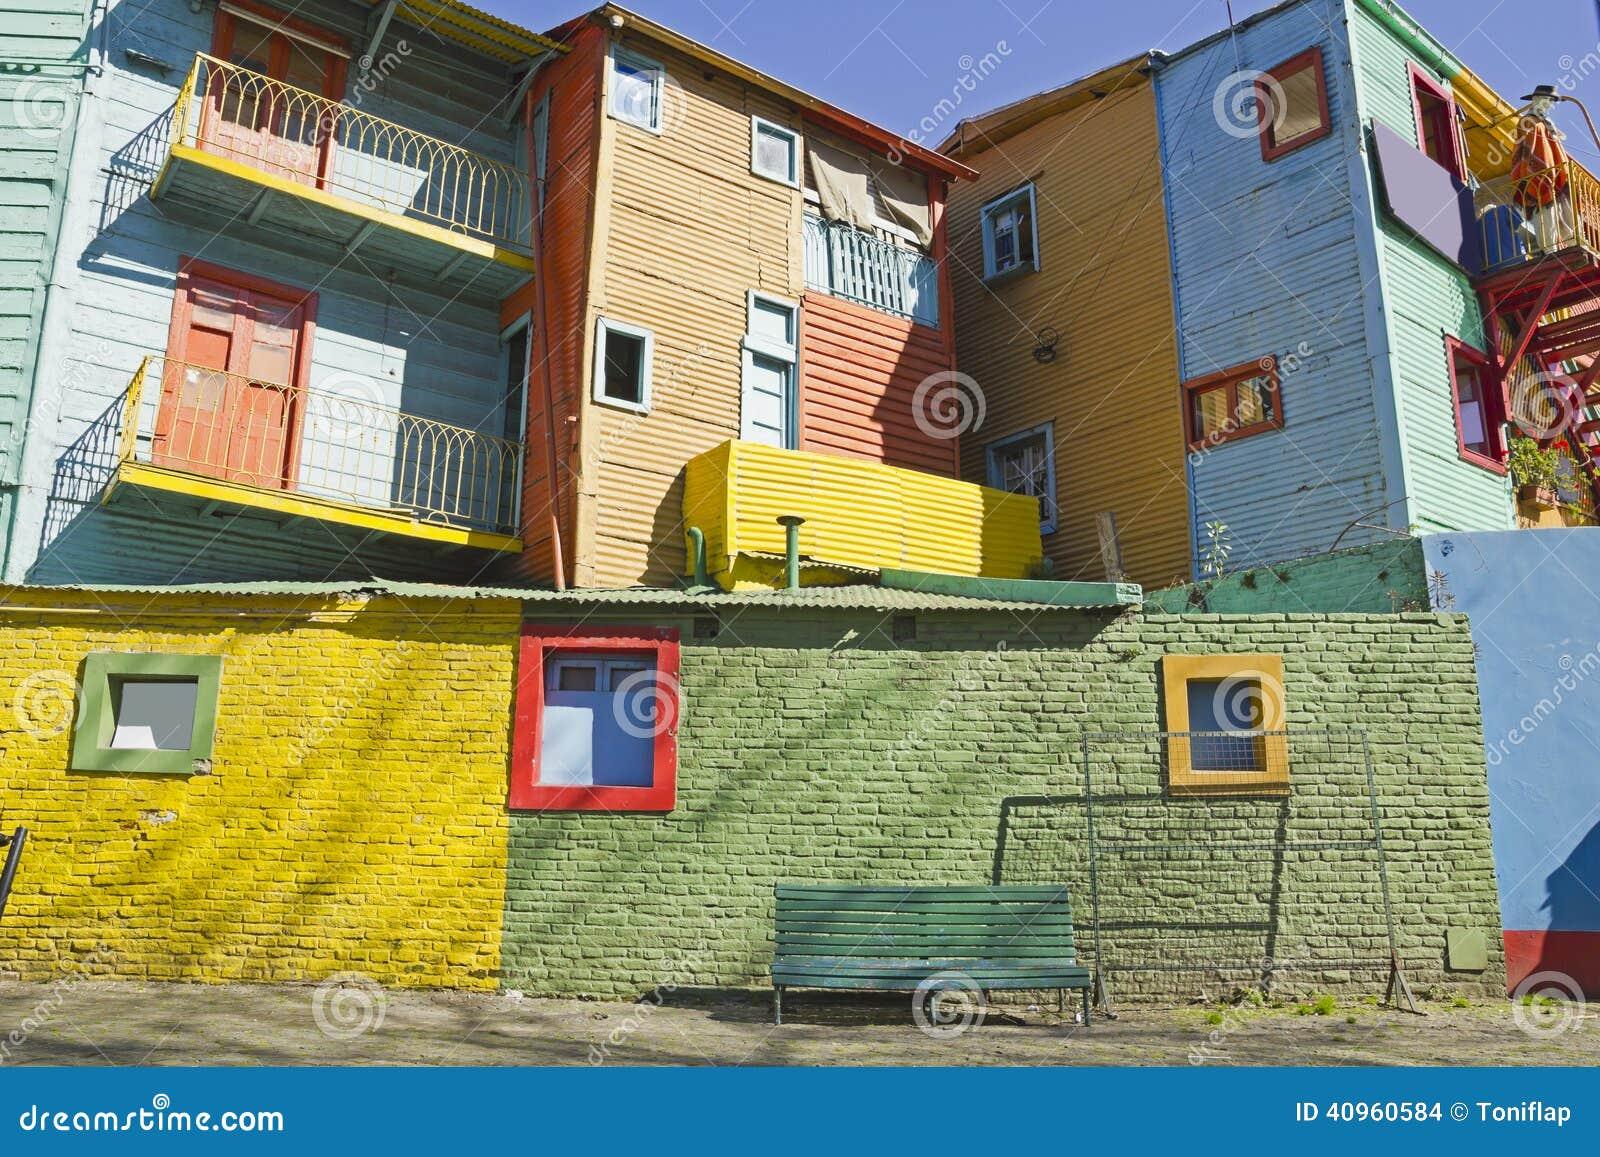 Caminito, district de Boca de La, Buenos Aires, Argentine